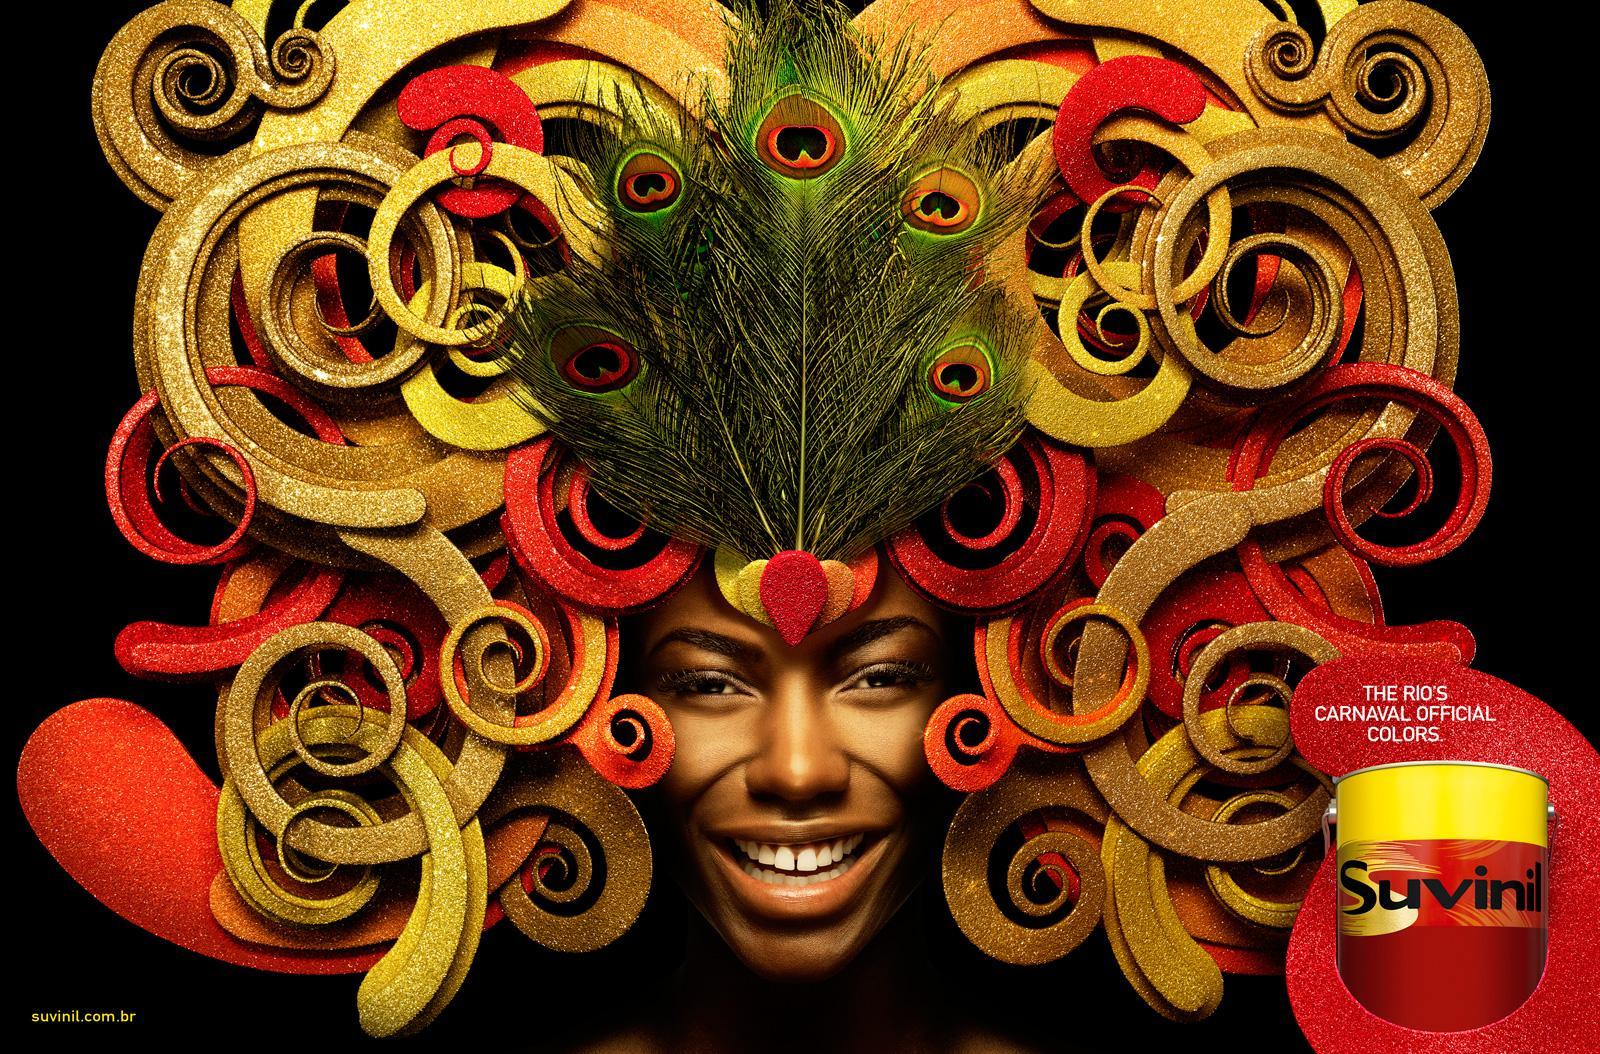 Suvinil Print Ad -  Rio's Carnaval